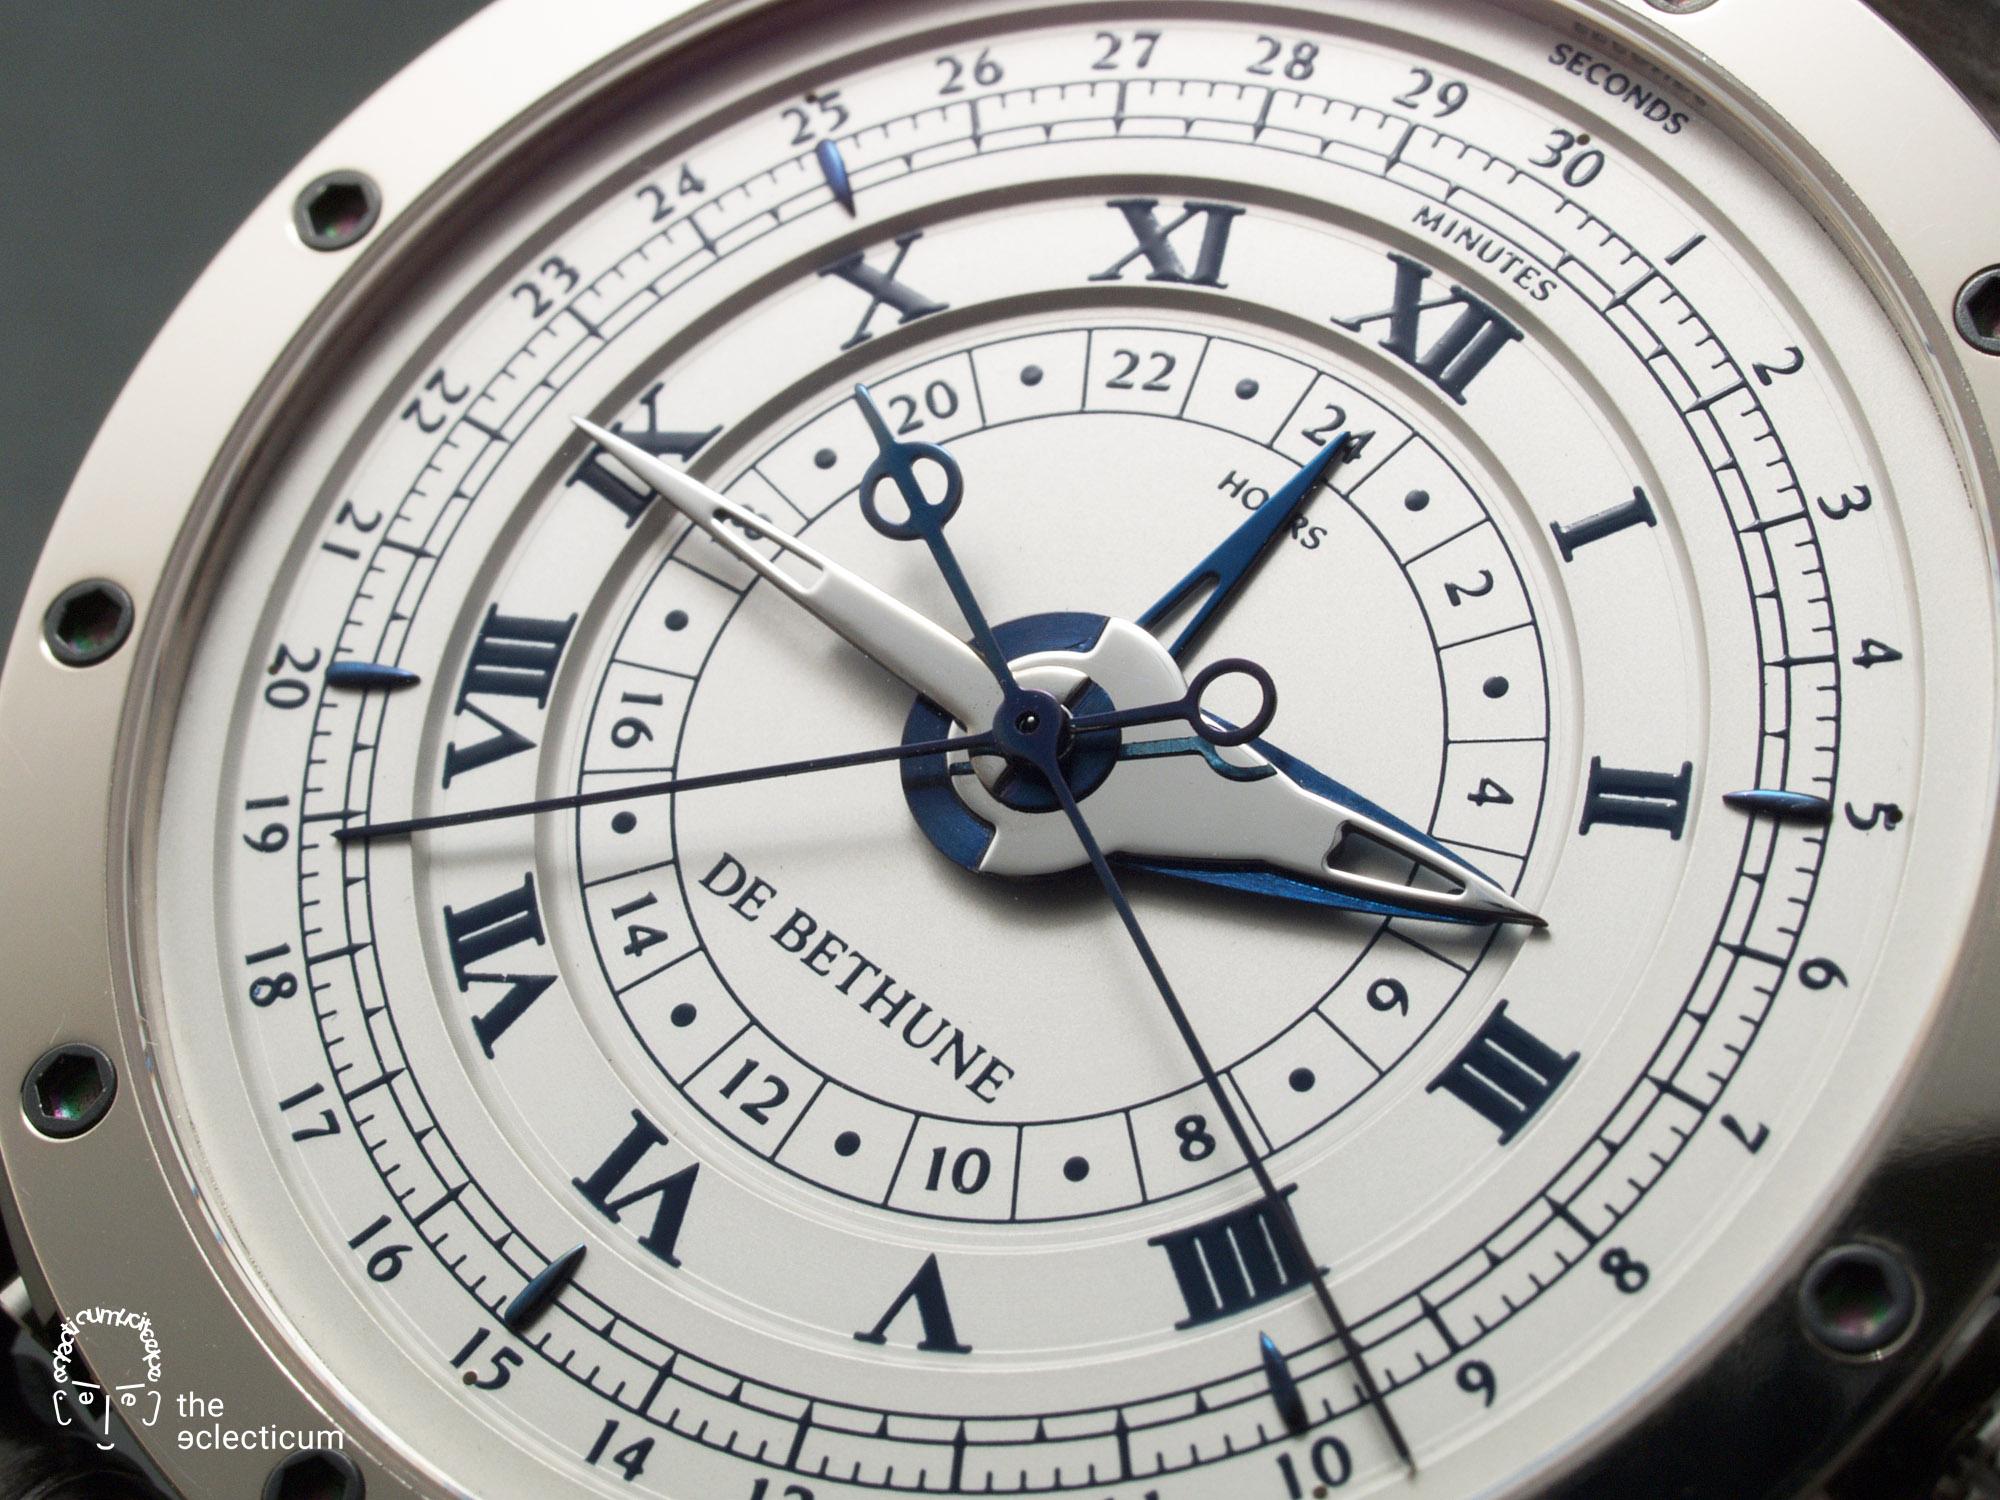 De Bethune DB21 MaxiChrono chronograph central stack dial